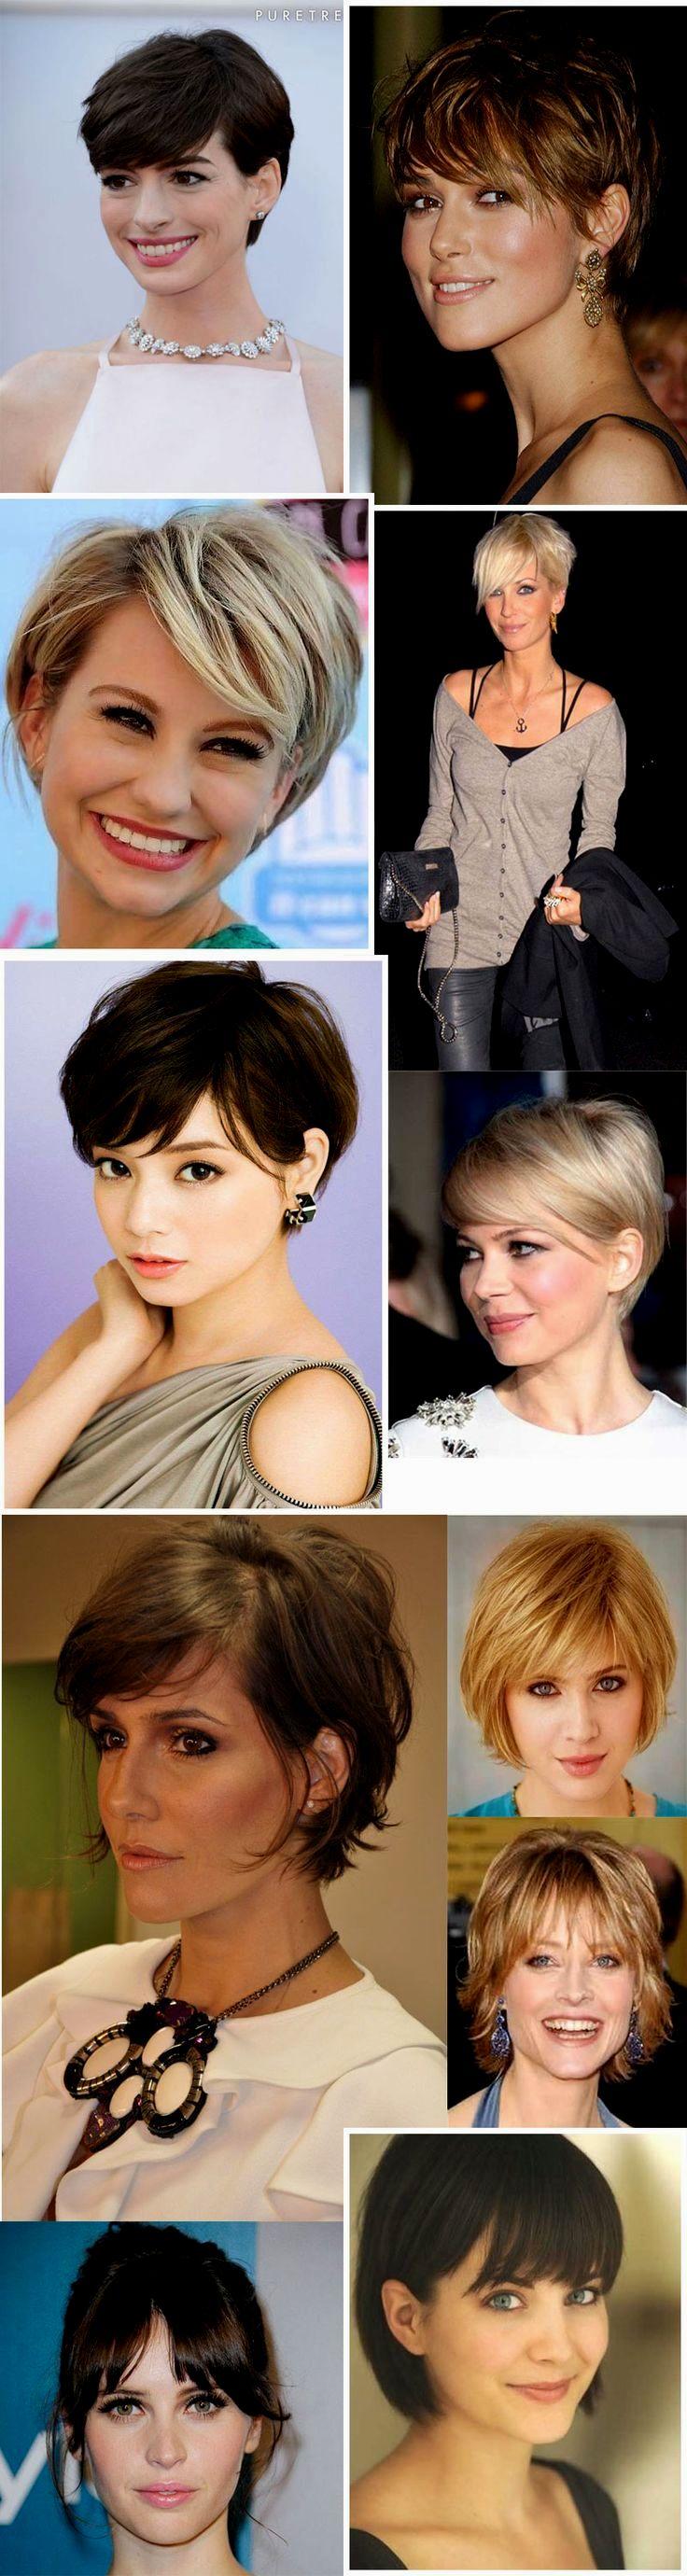 melhor best of melhores cortes de cabelo feminino ideias-Fresh Melhores Cortes De Cabelo Feminino Fotografia